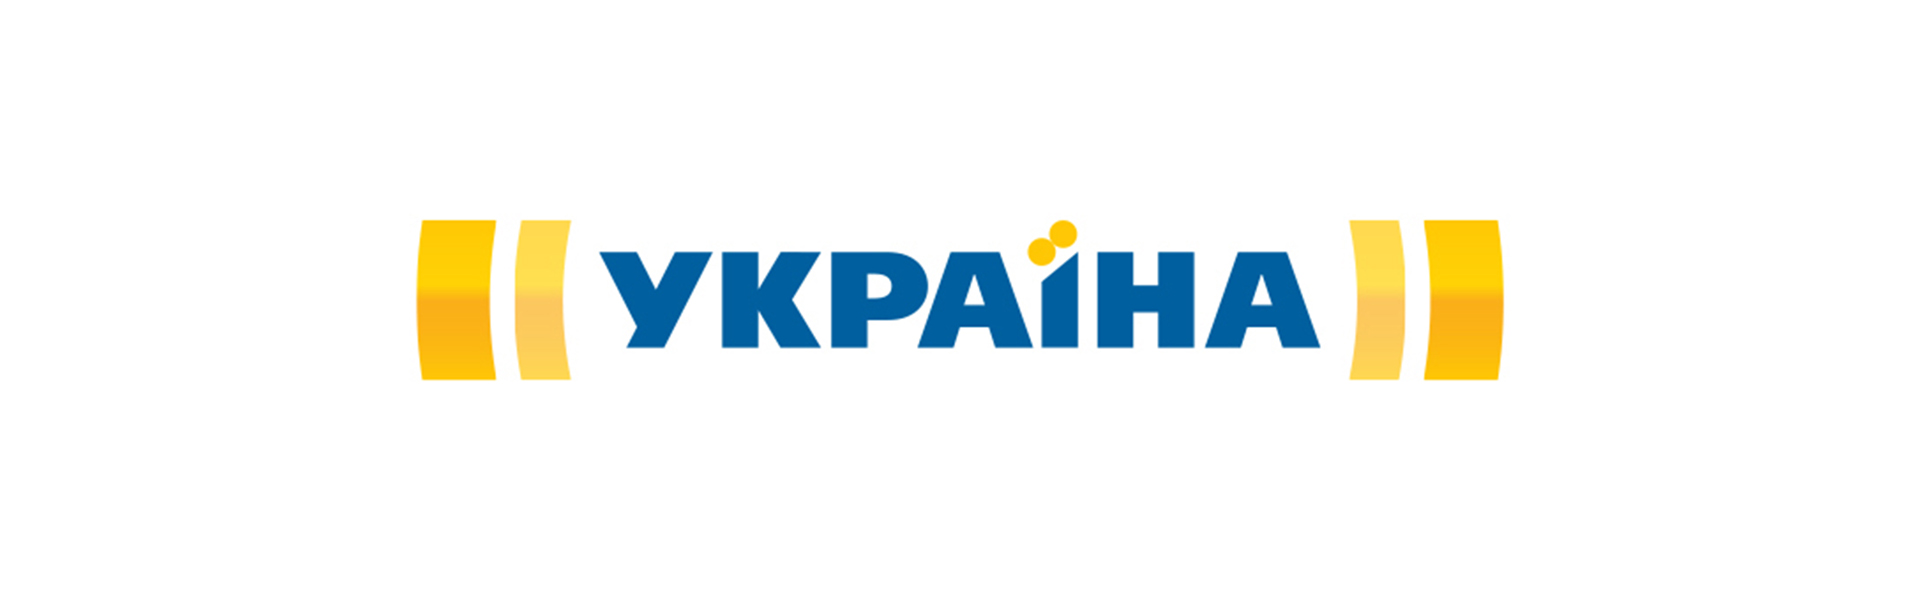 Держкіно анулювало прокатне посвідчення анонсованого каналом «Україна» серіалу